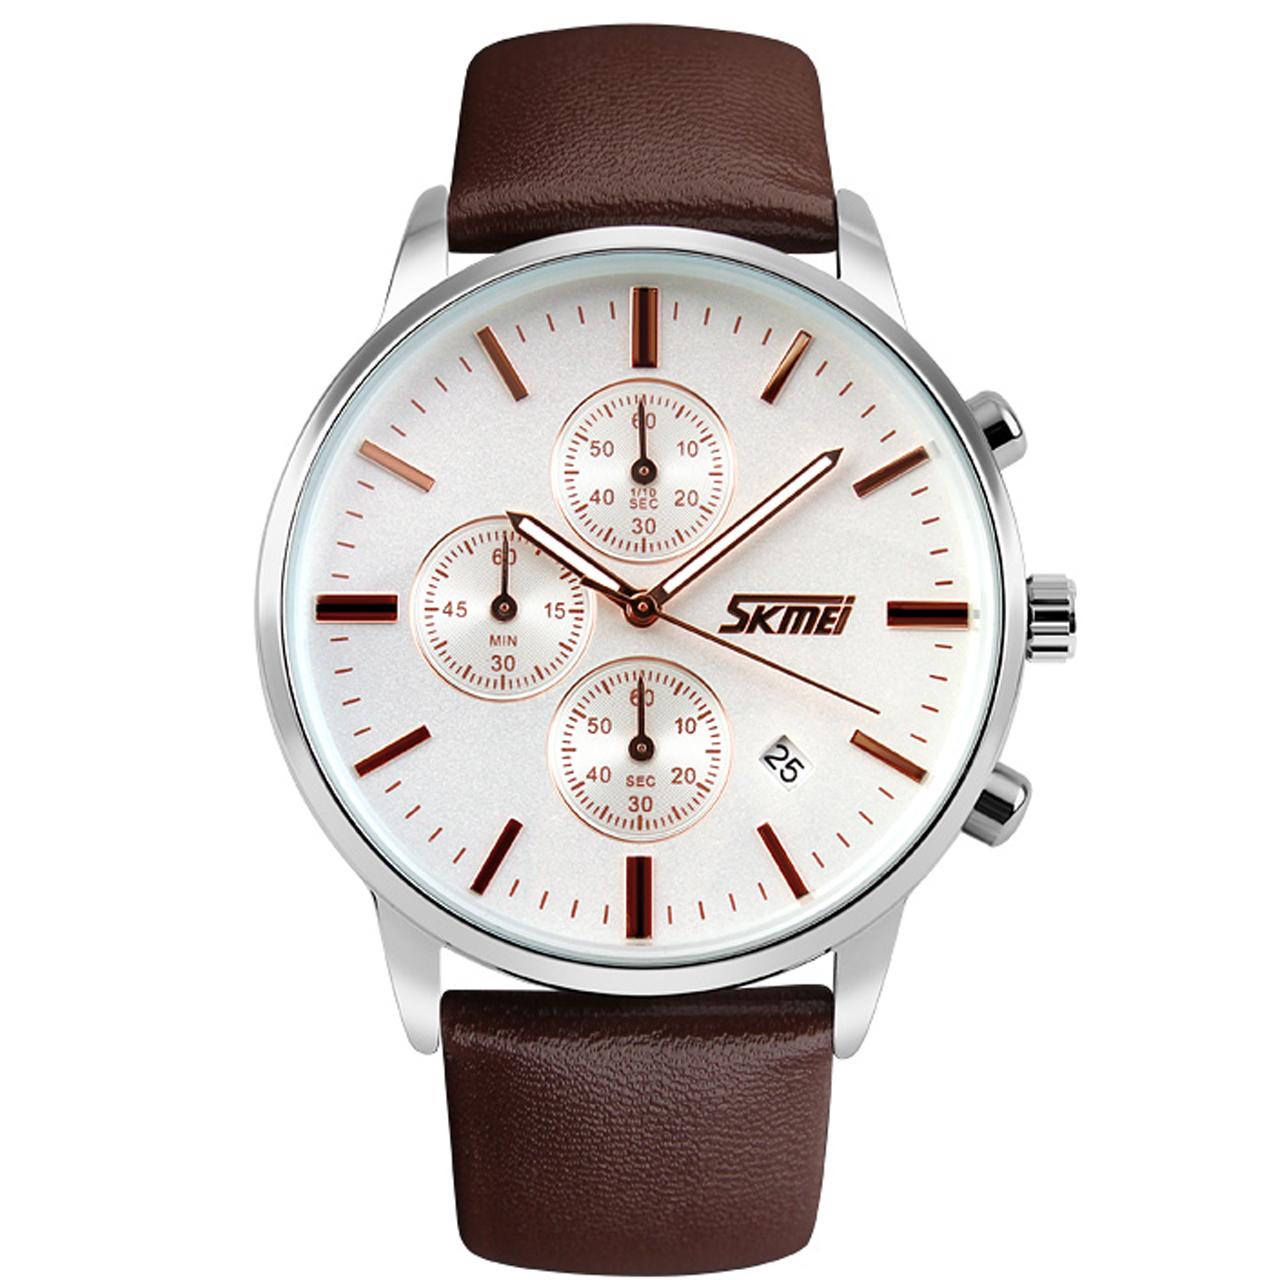 ساعت مچی عقربه ای مردانه اسکمی مدل 9103GH-NP              ارزان